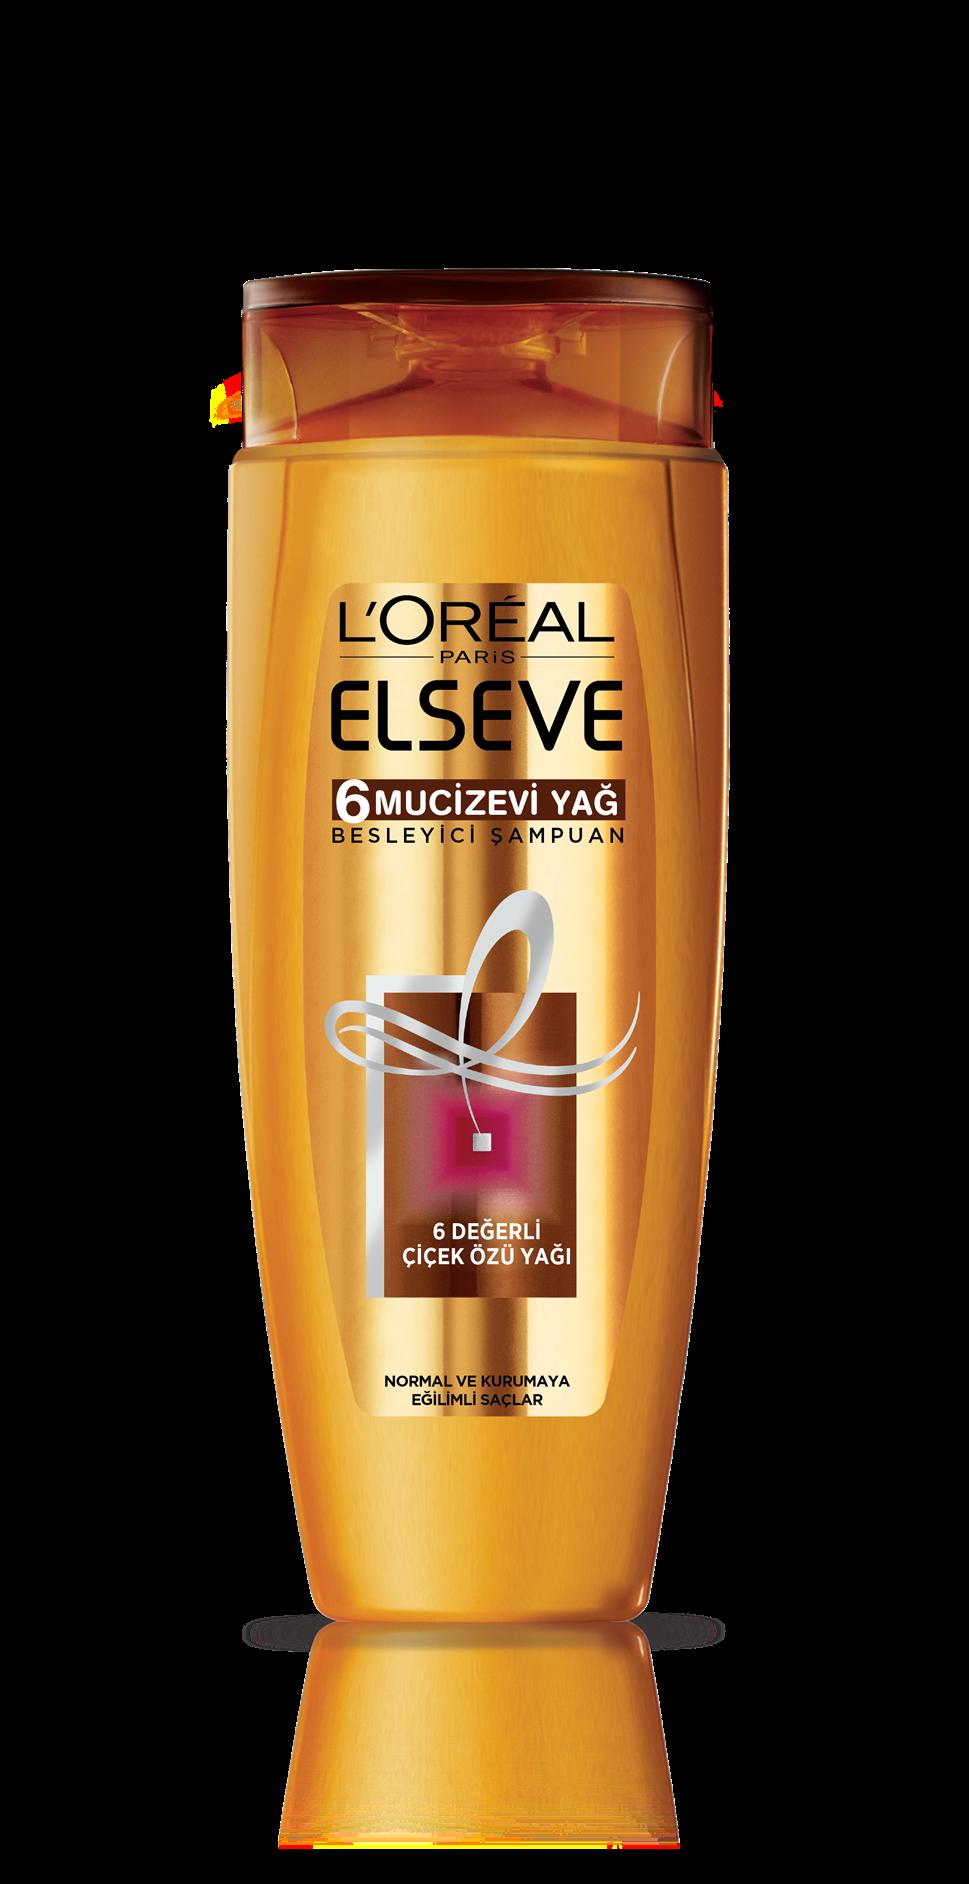 L'Oréal Paris Elseve 6 Mucizevi Yağ Besleyici Bakım Şampuanı